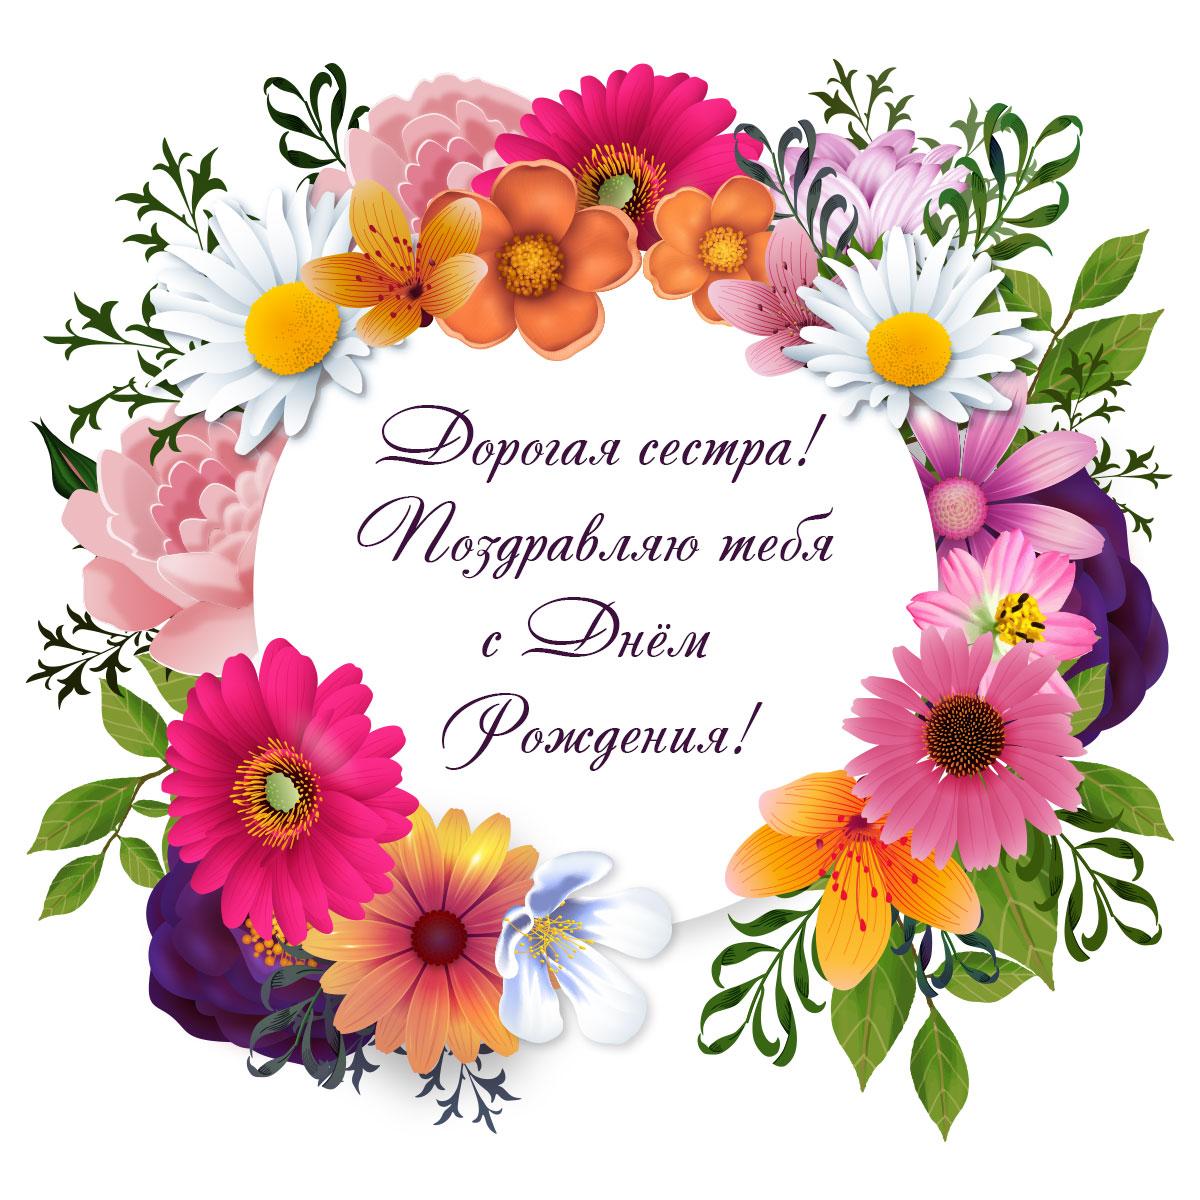 Картинка с цветами и растениями - поздравительная открытка с днем рождения сестре